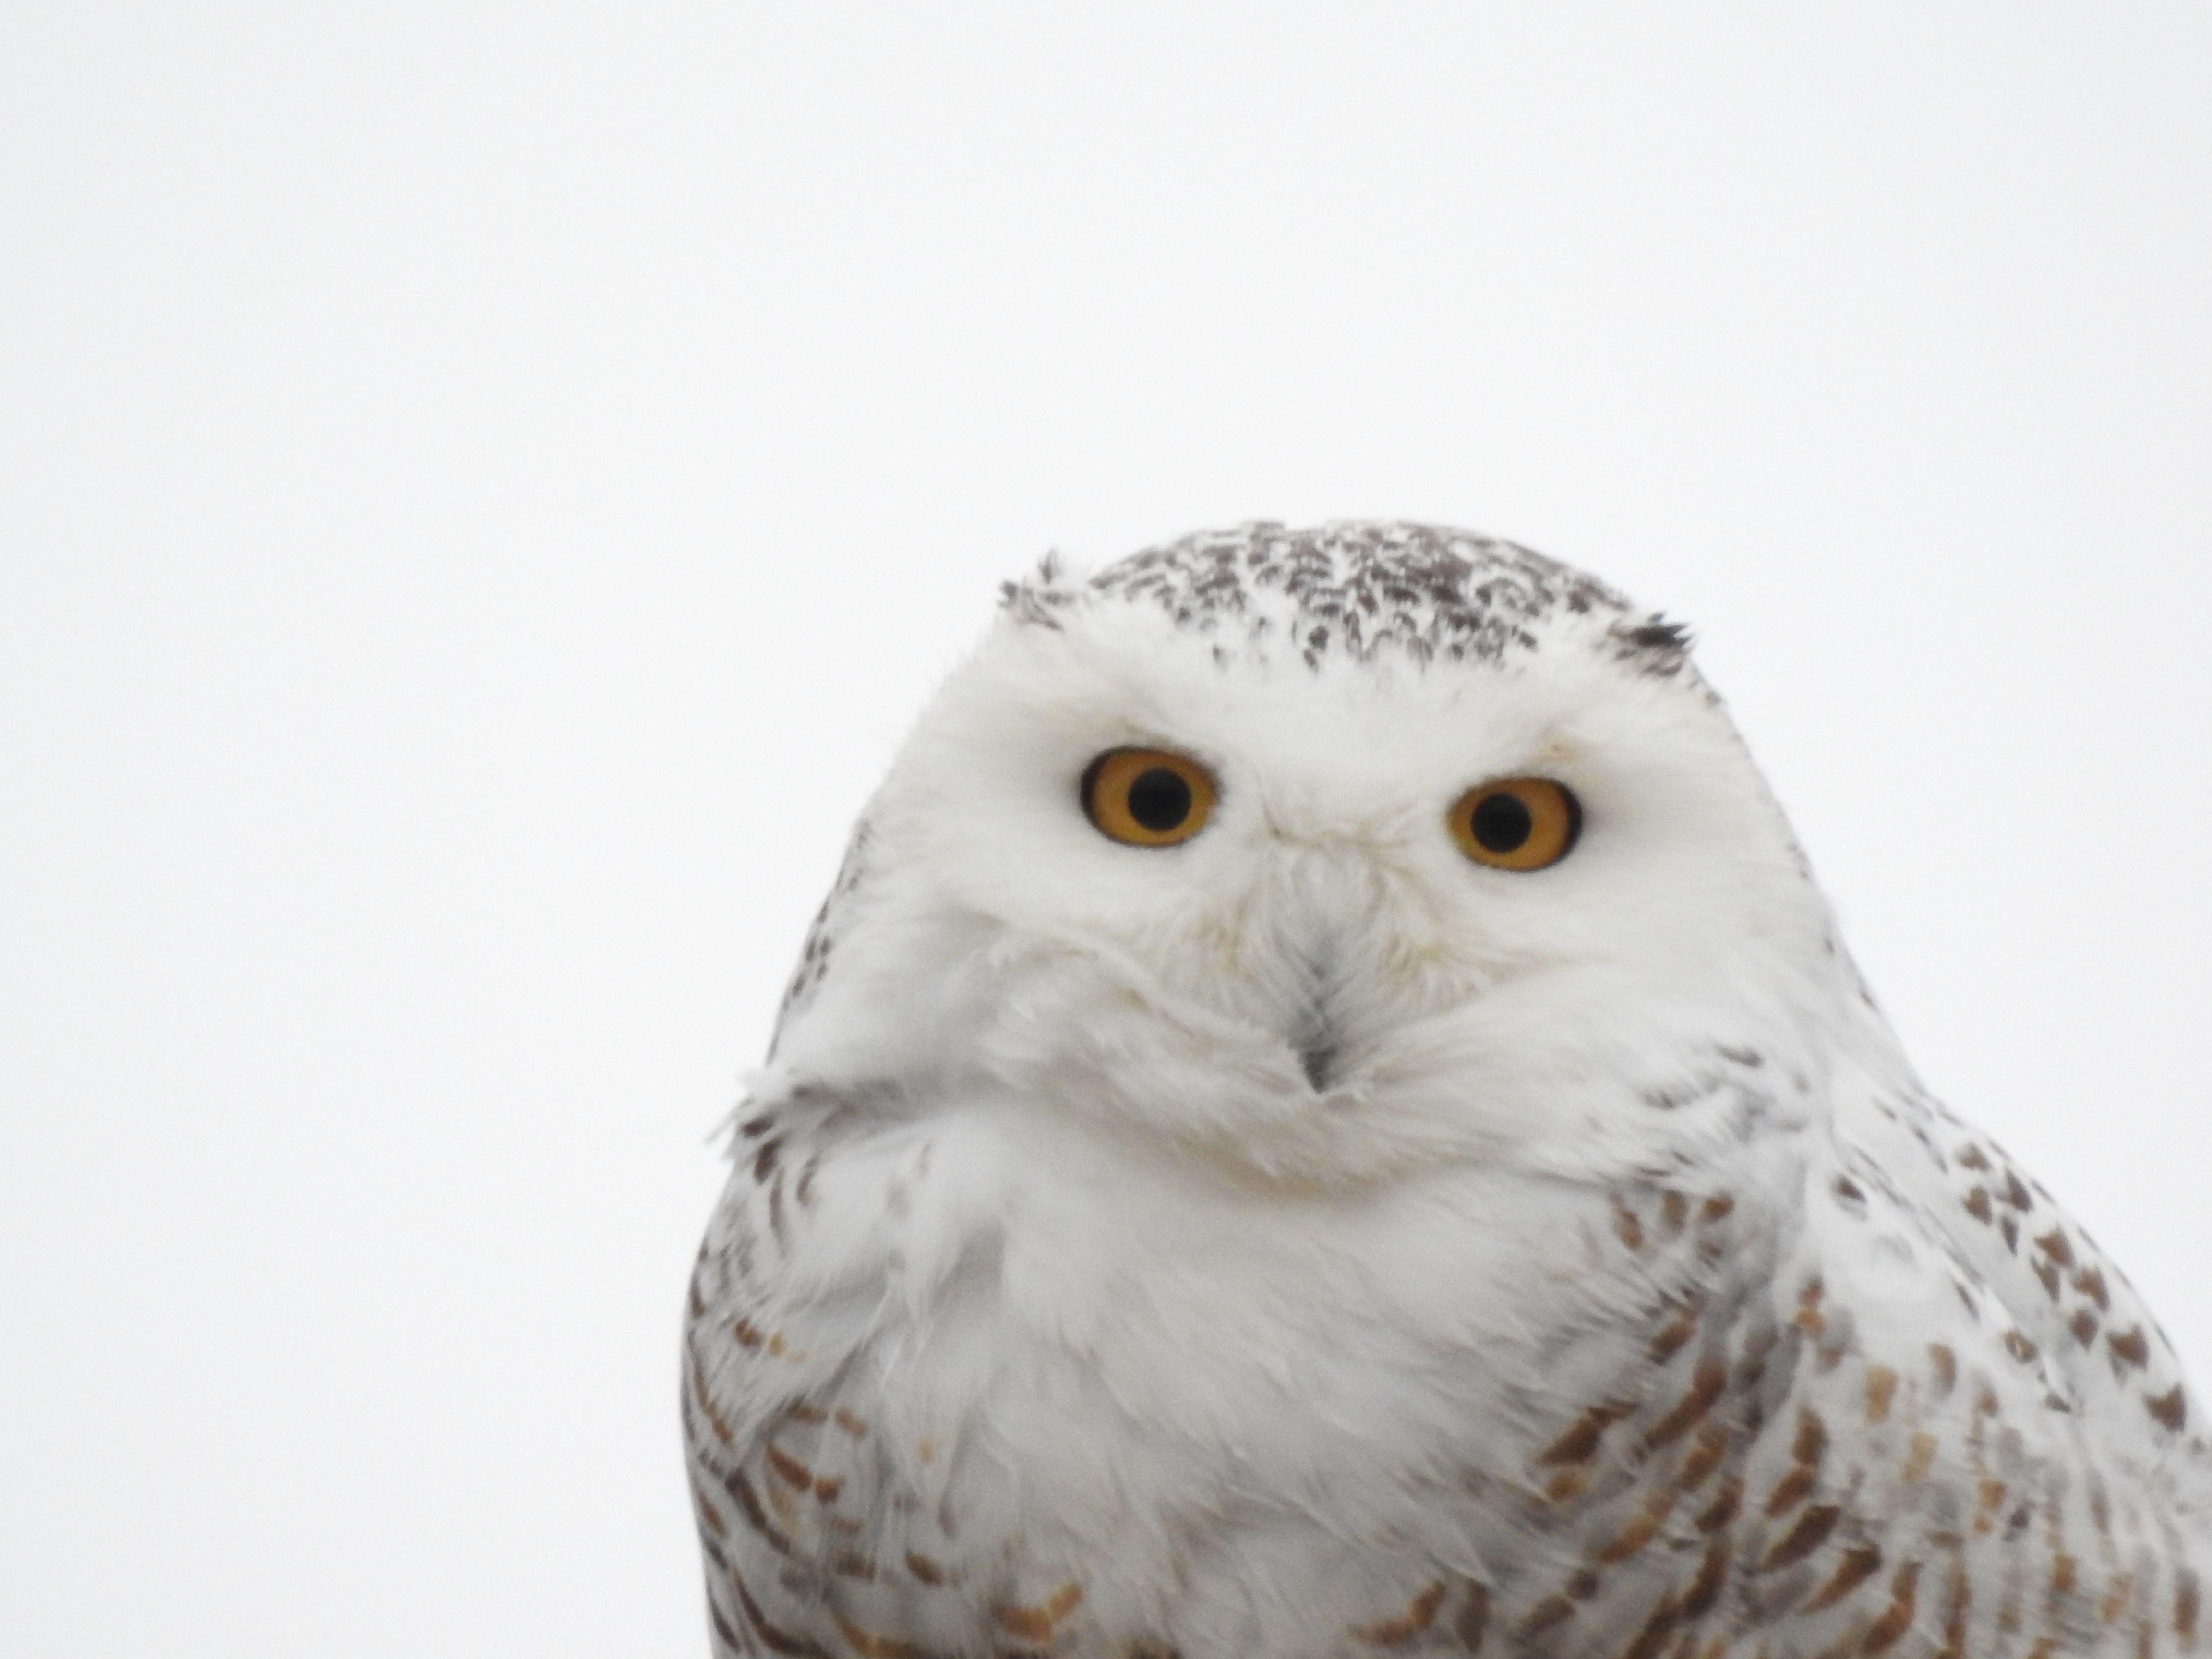 Snowy Owl Carroll County Il Feb 23 By Ken Groezinger